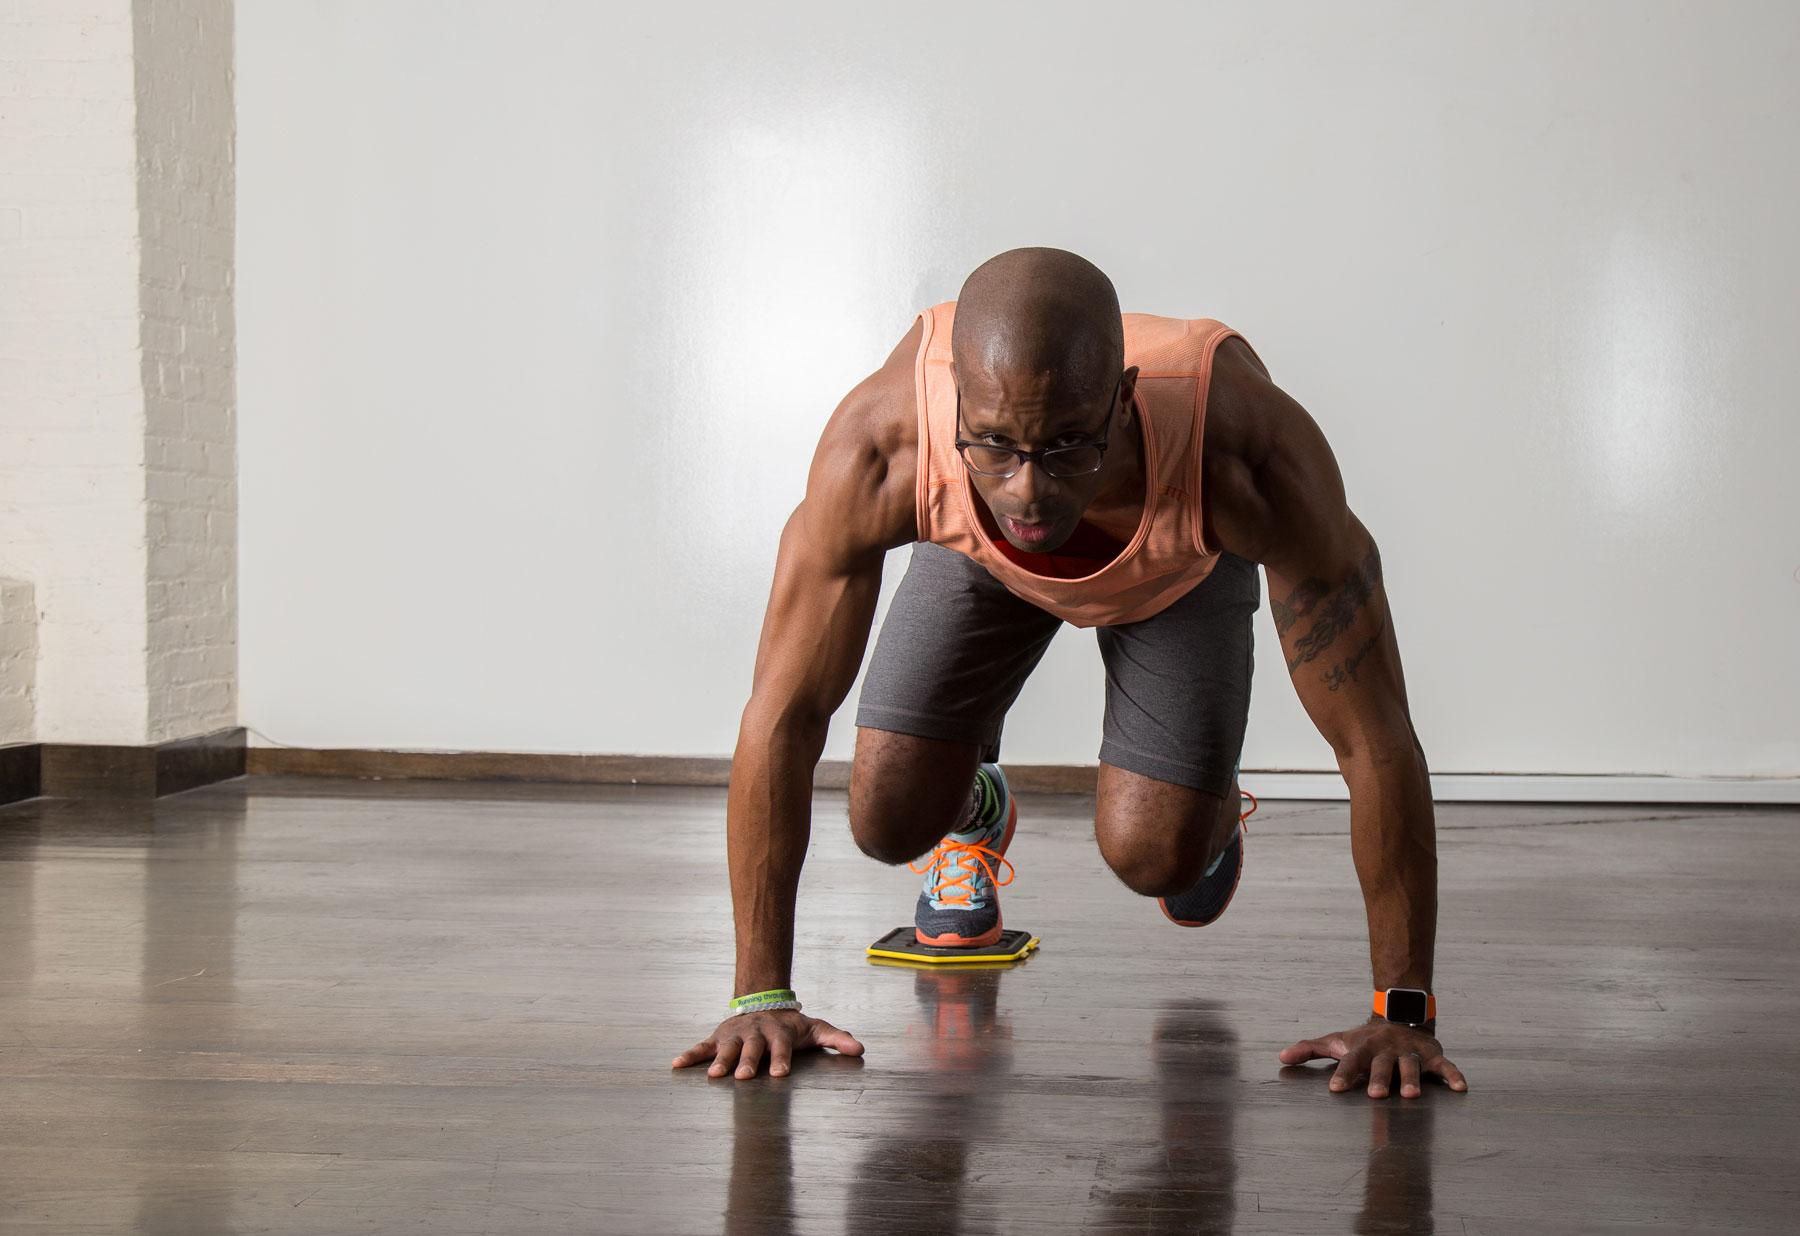 Træning med sliders: Hjemmetræning med klude 💪